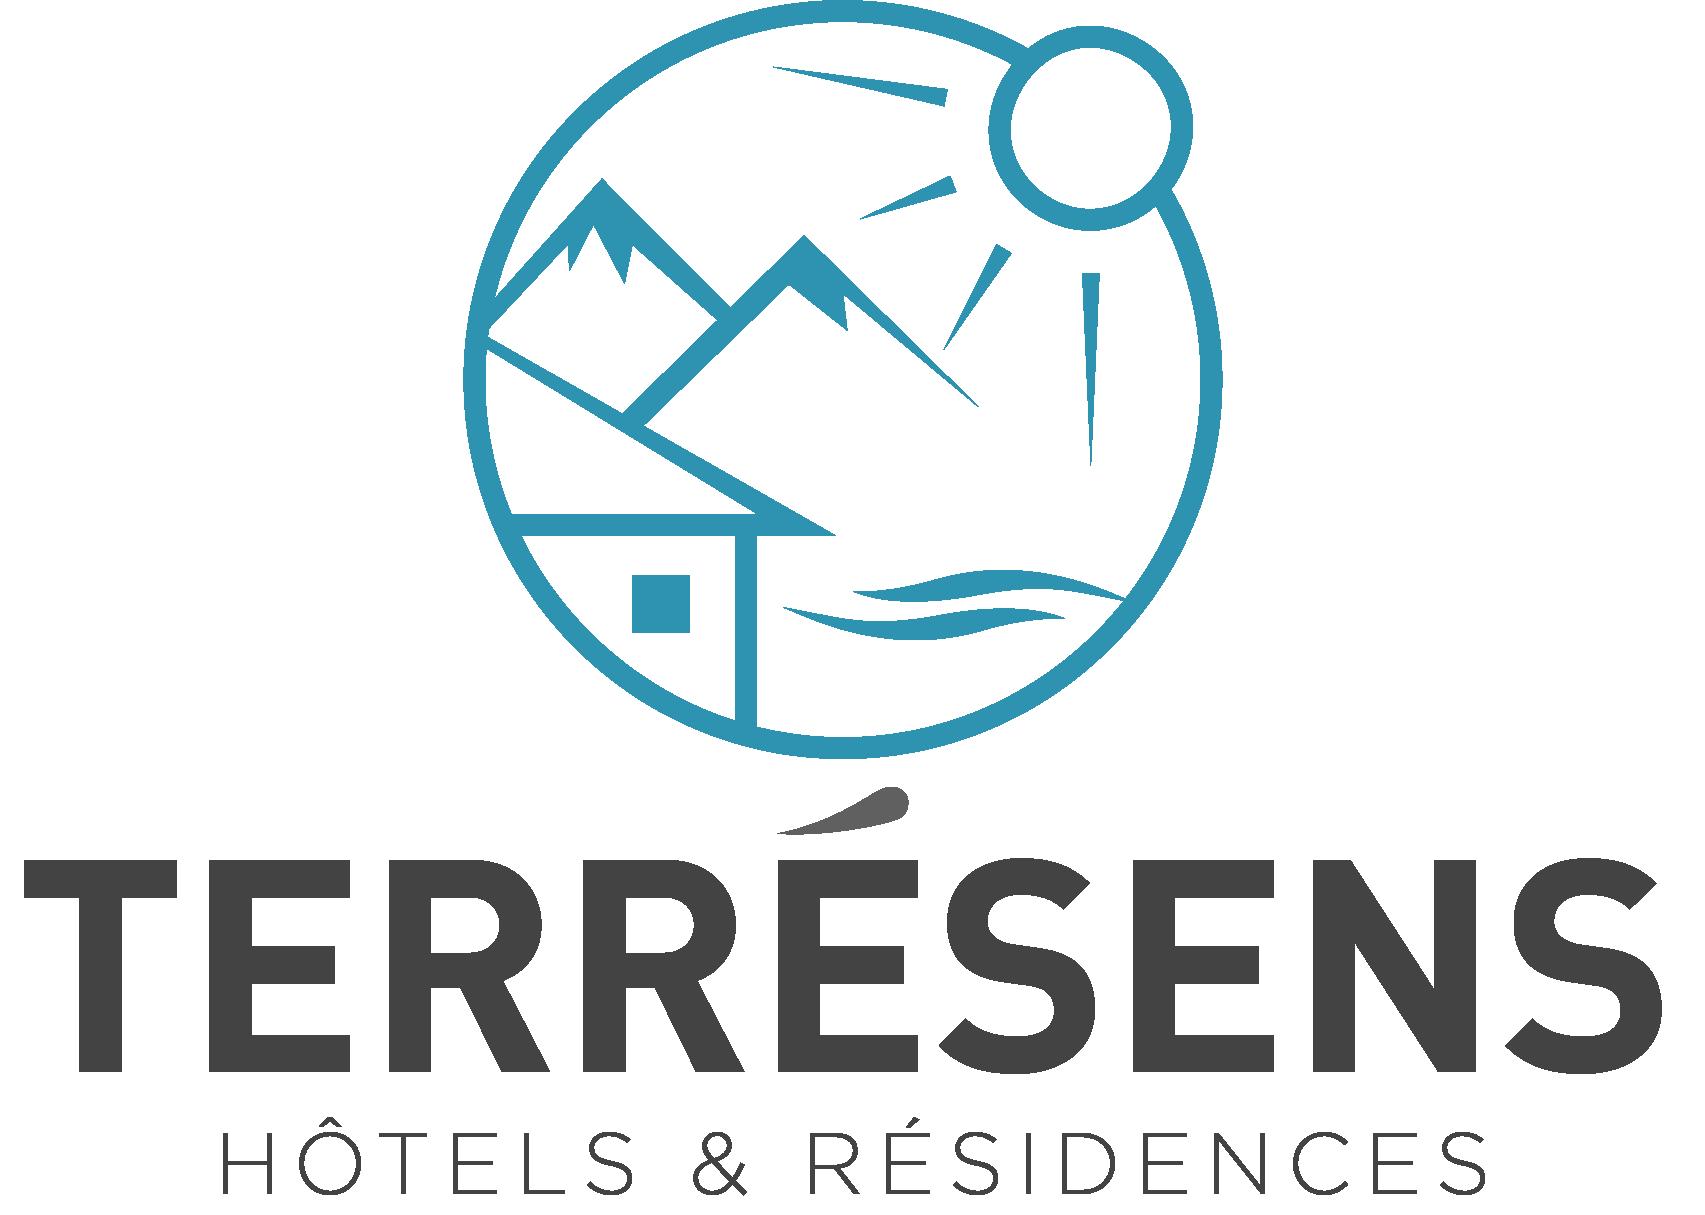 Terrésens Hôtels & Résidences